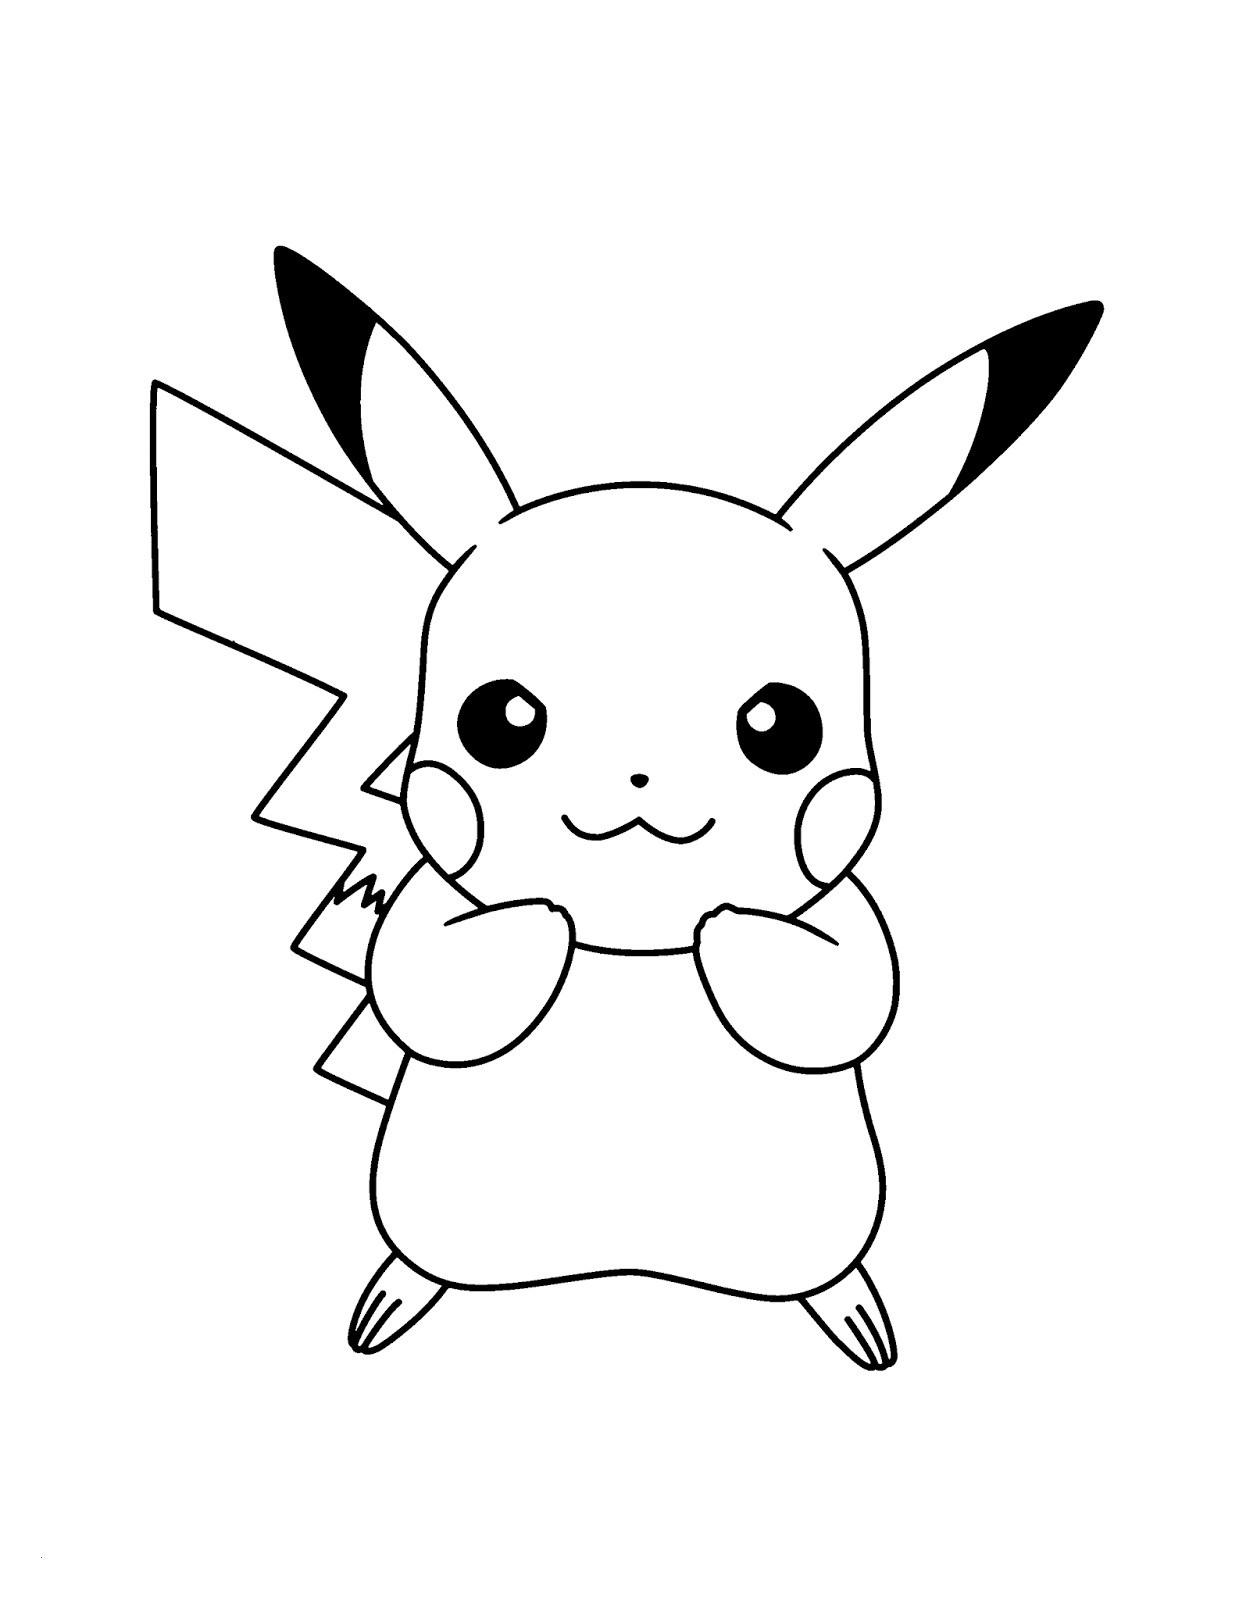 Pokemon Bilder Zum Ausmalen Genial Pikachu Ausmalbild Pokemon Pinterest Schön Ausmalbilder Paw Patrol Sammlung